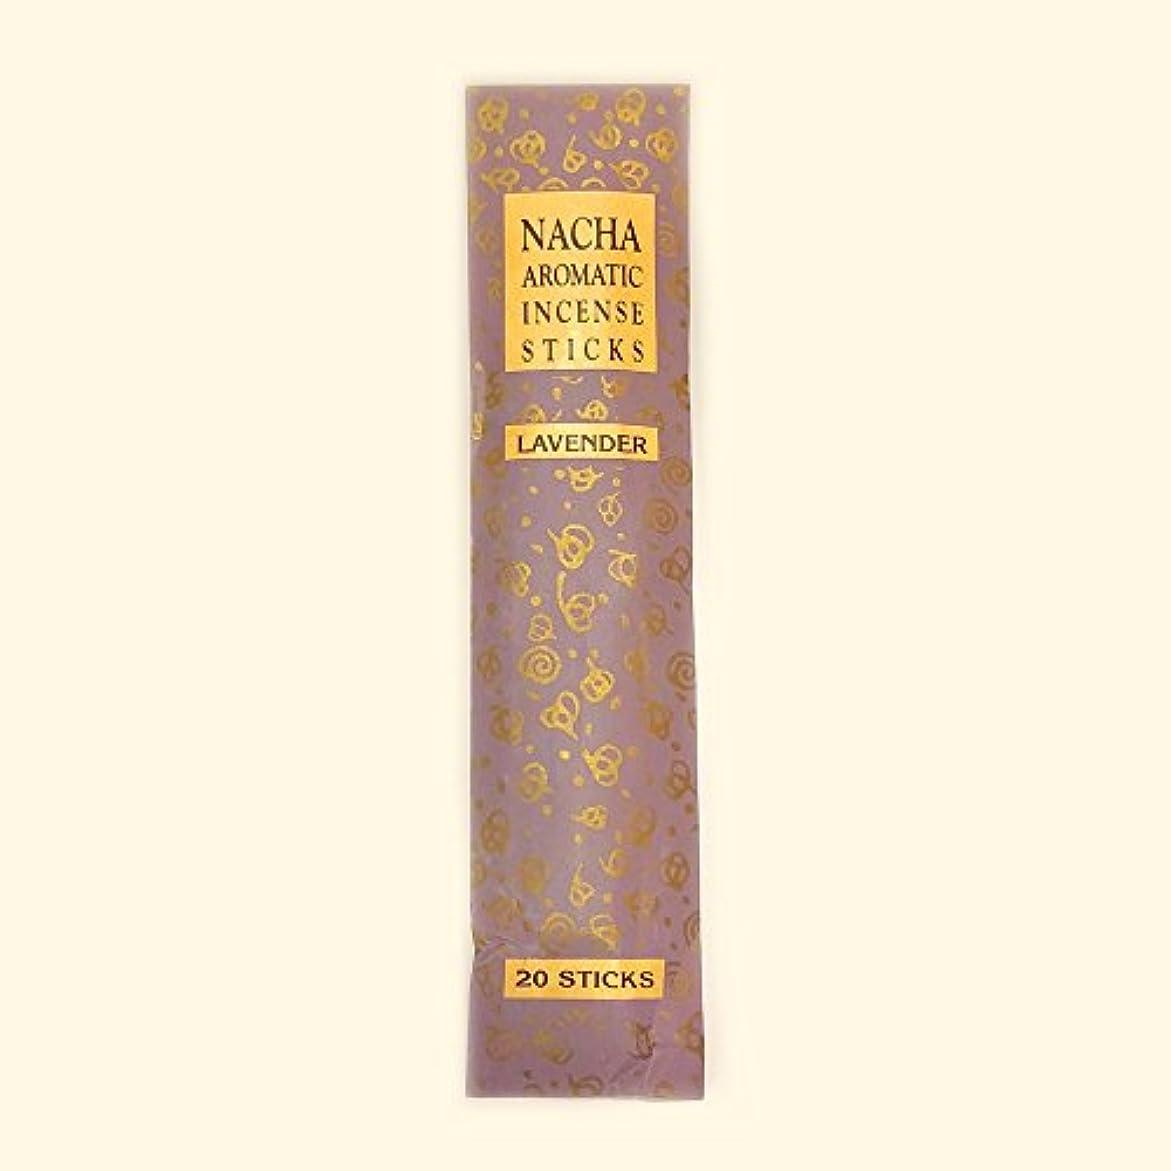 それからブルーム時間【NACHA】NACHA NATURALS インセンス ラベンダー